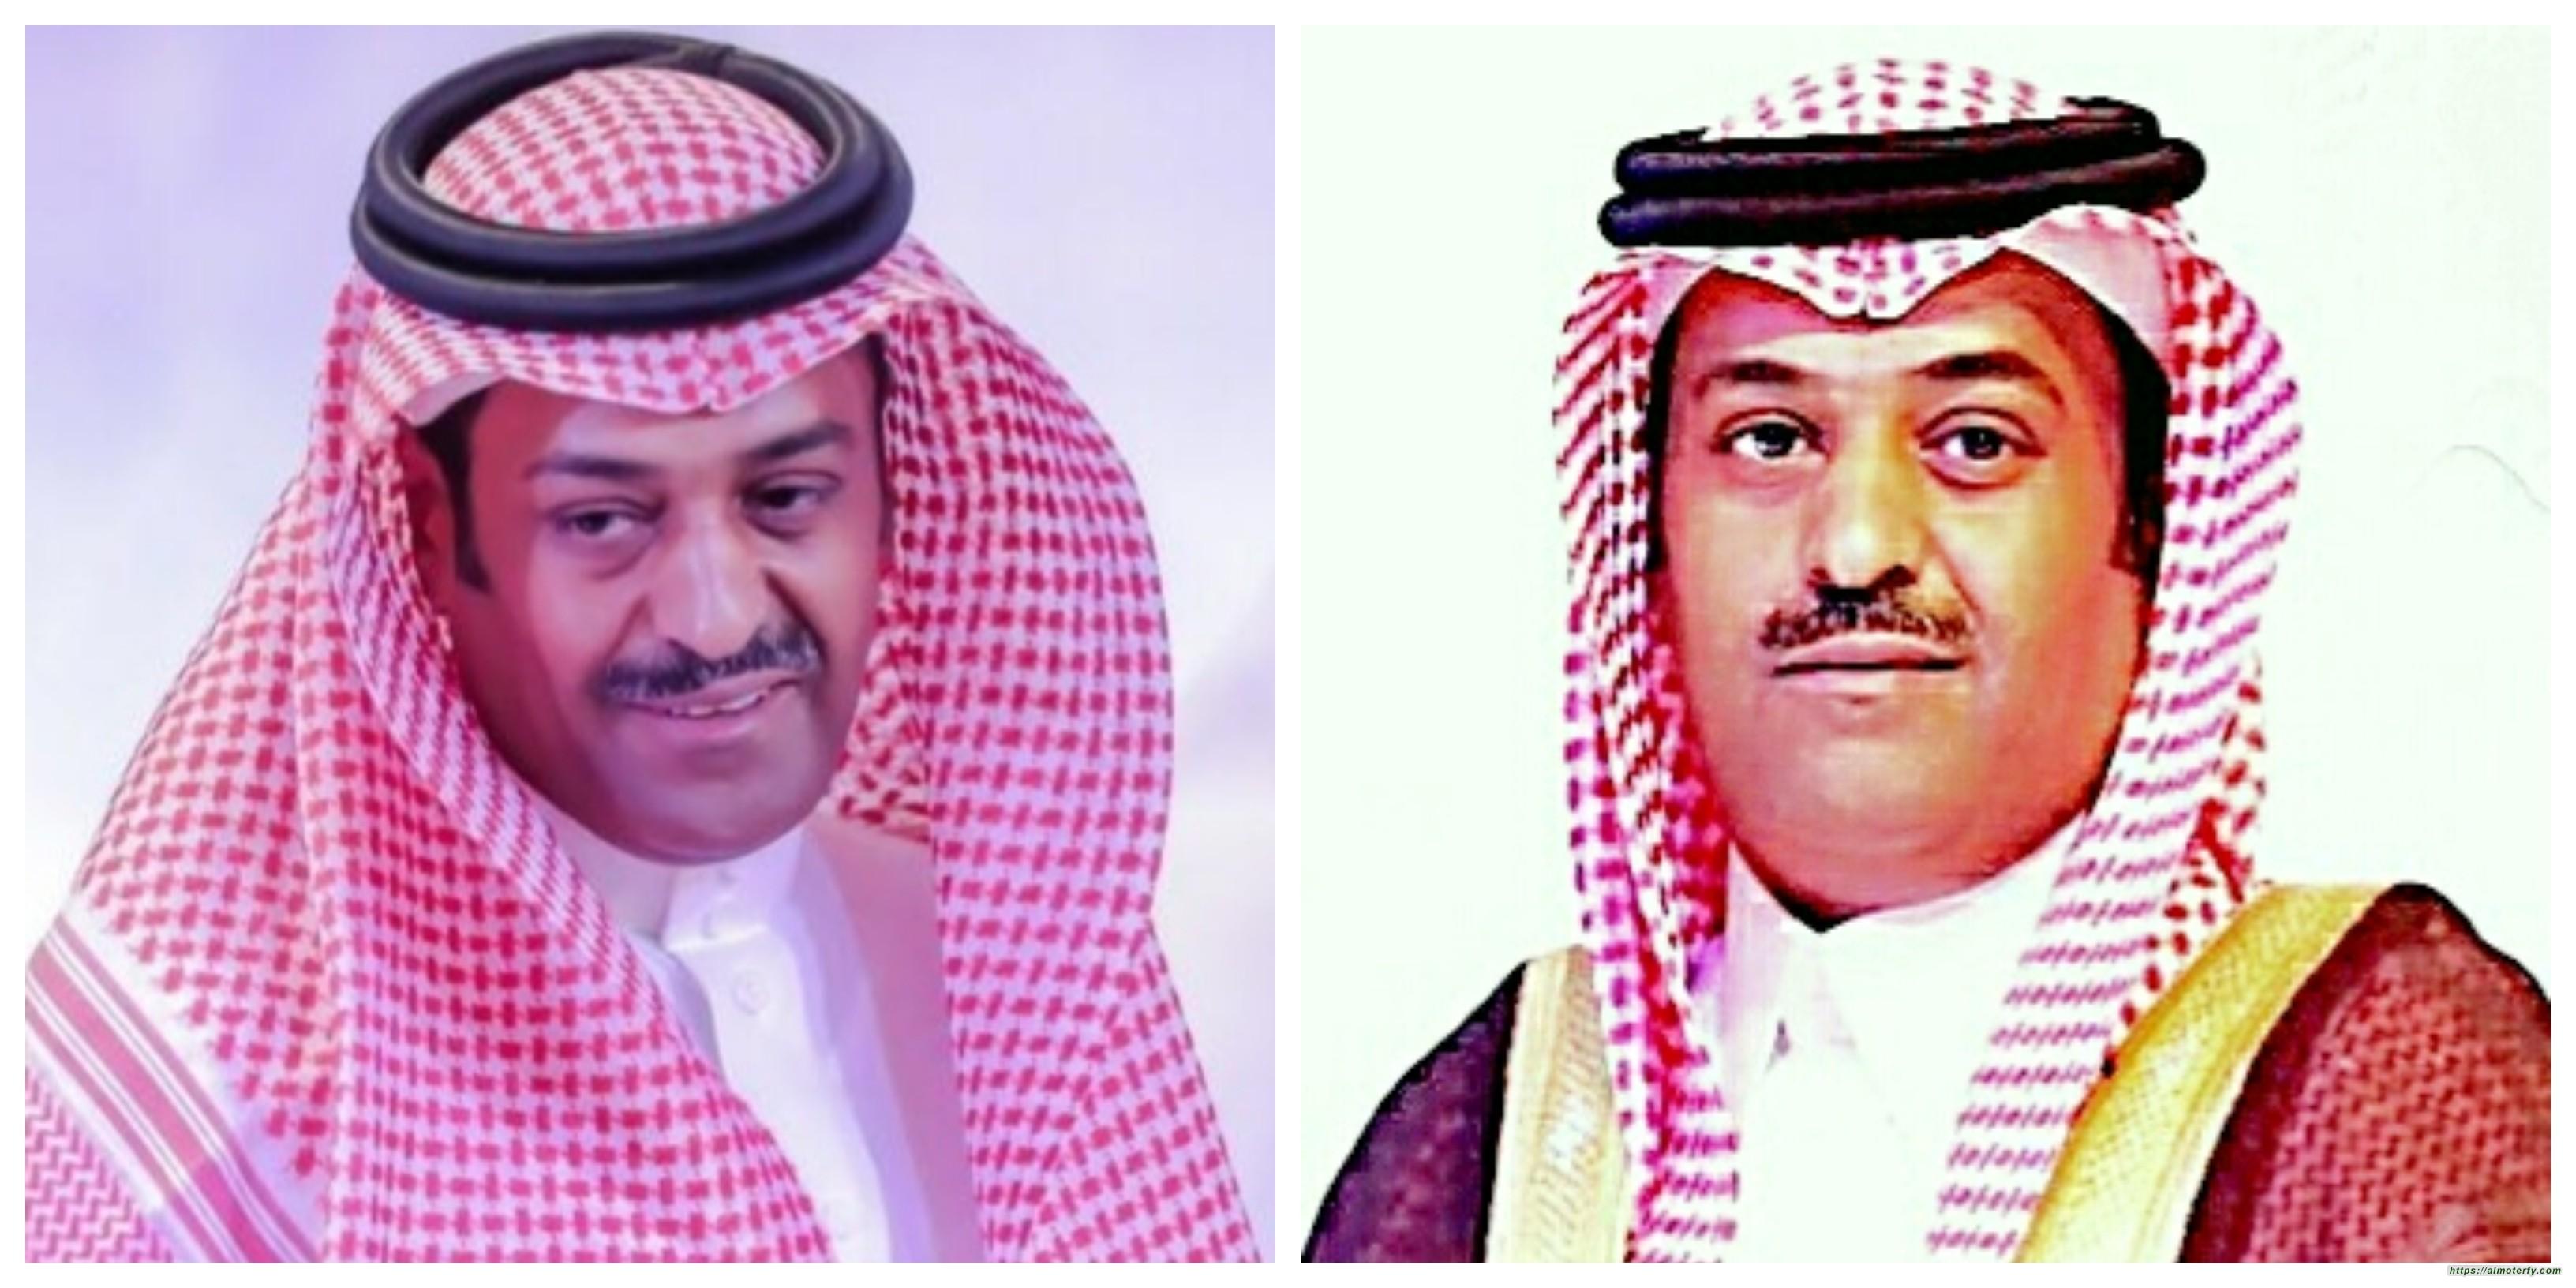 آل عبيه للمرتبة الحادية عشرة بوزارة الإعلام بالشرقية